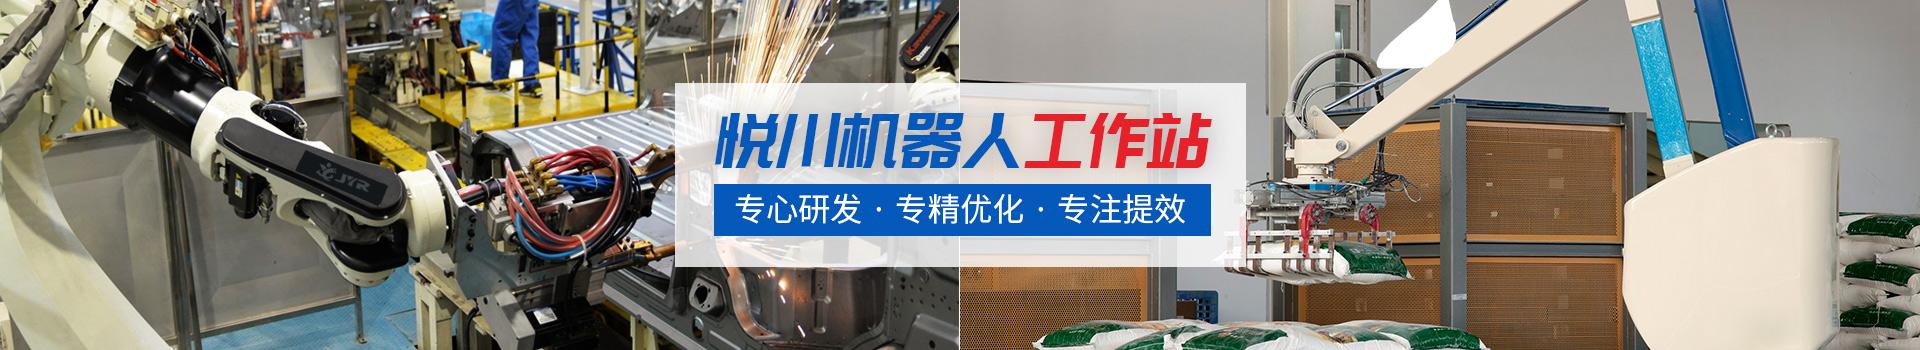 悦川机器人工作站-专心研发 专精优化 专注提效